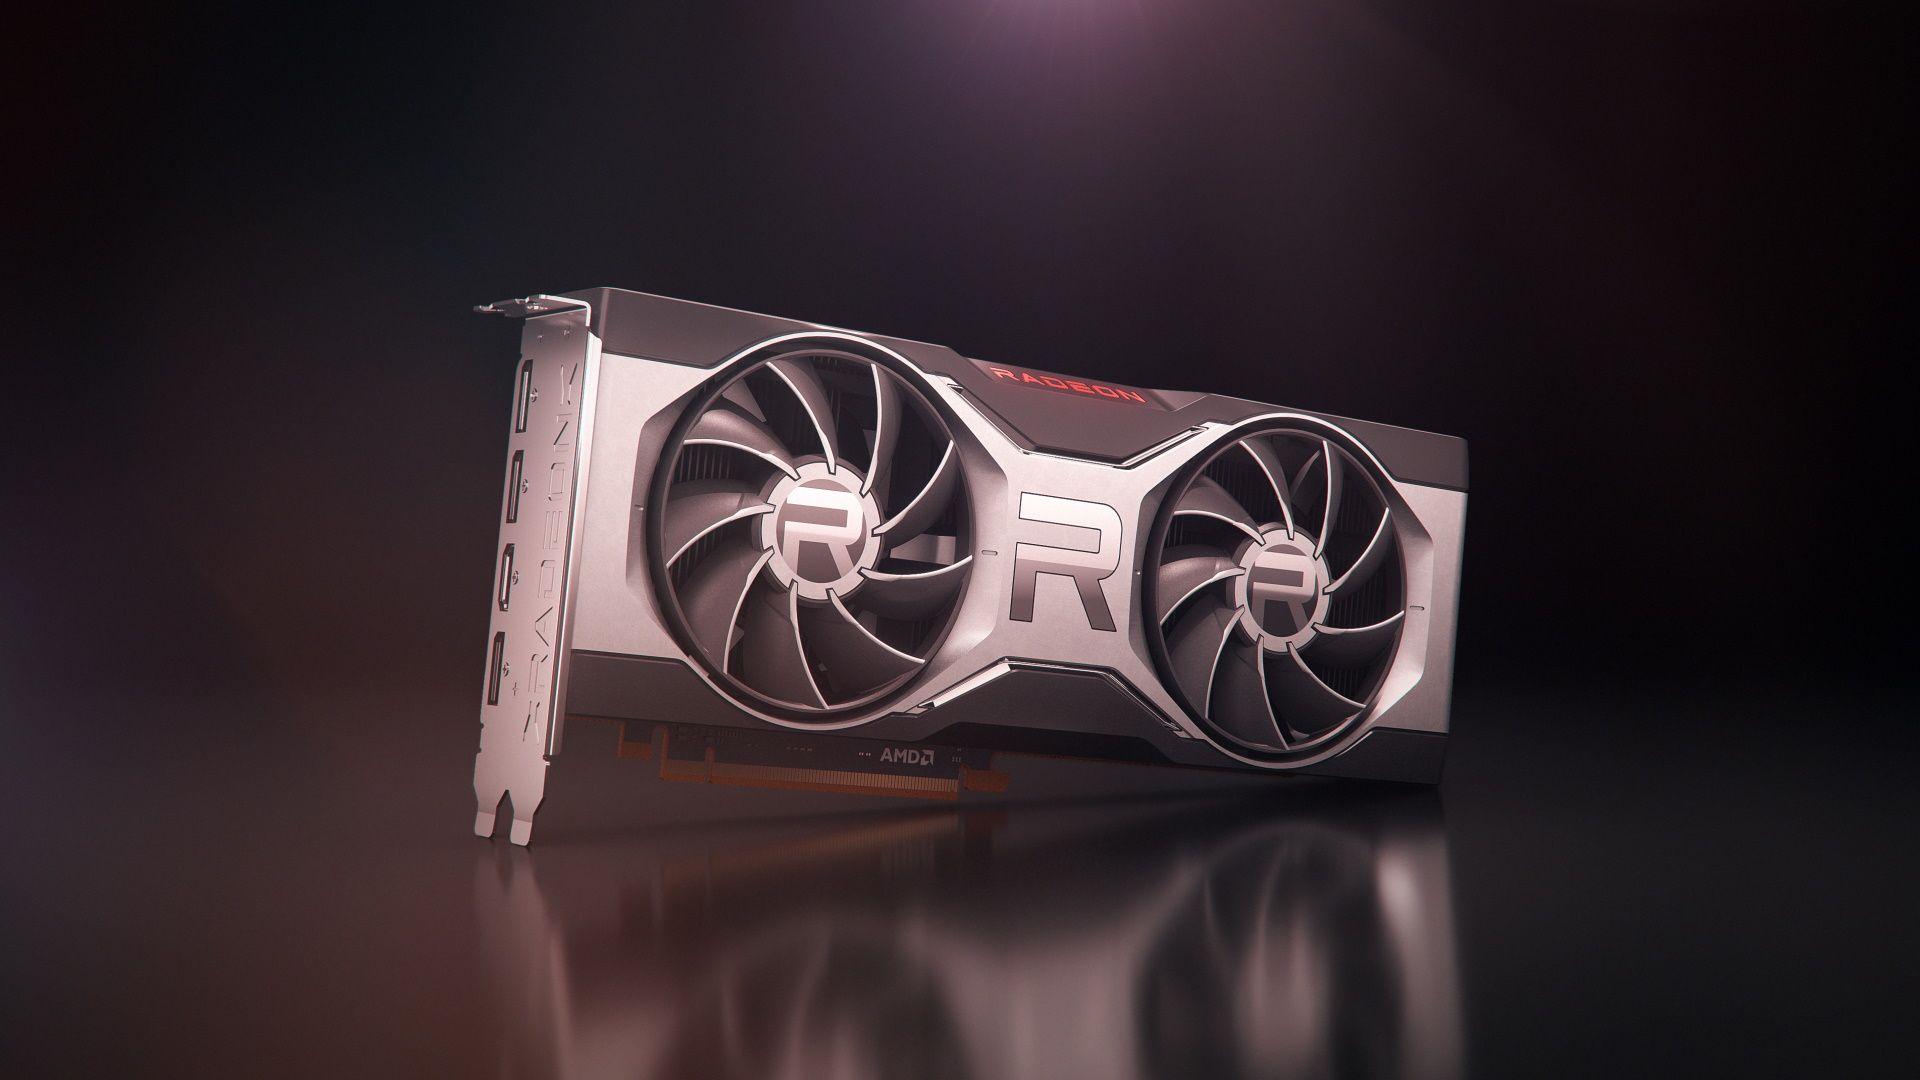 AMD Radeon RX 6700 XT